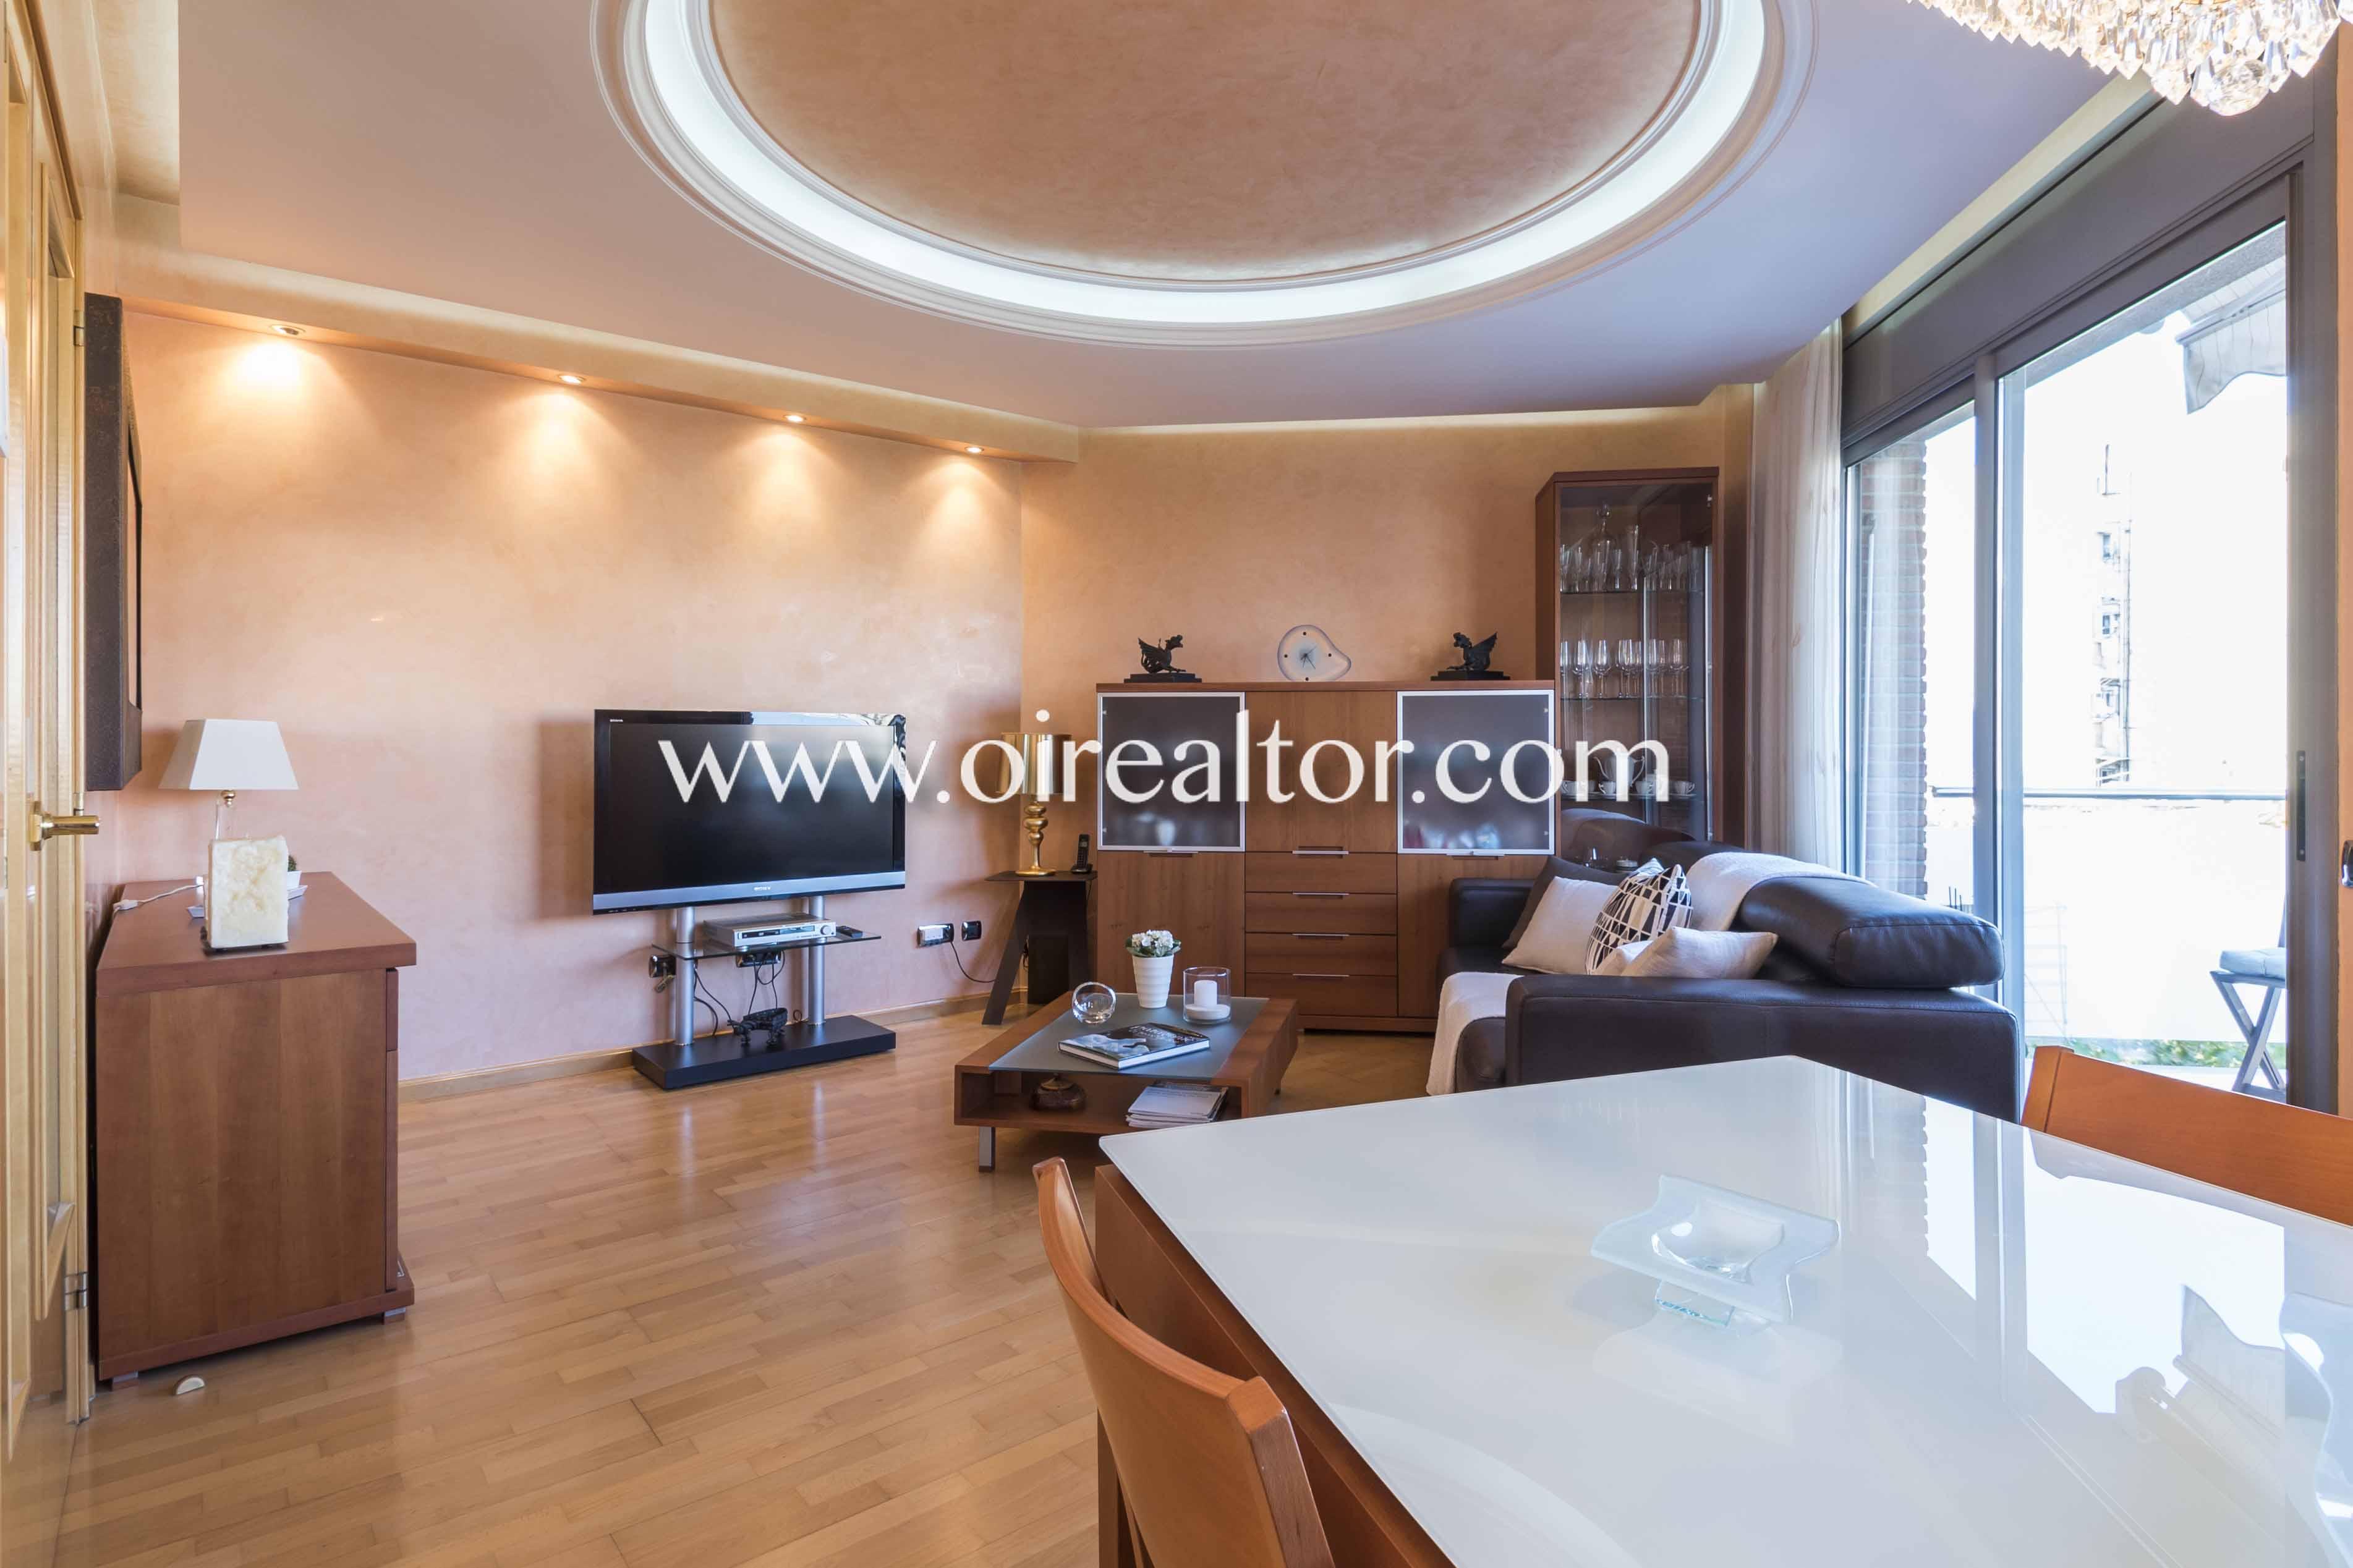 salón comedor, salón, comedor, terraza, salón comedor con terraza, balcón, salón comedor soleado, salon comedor luminoso